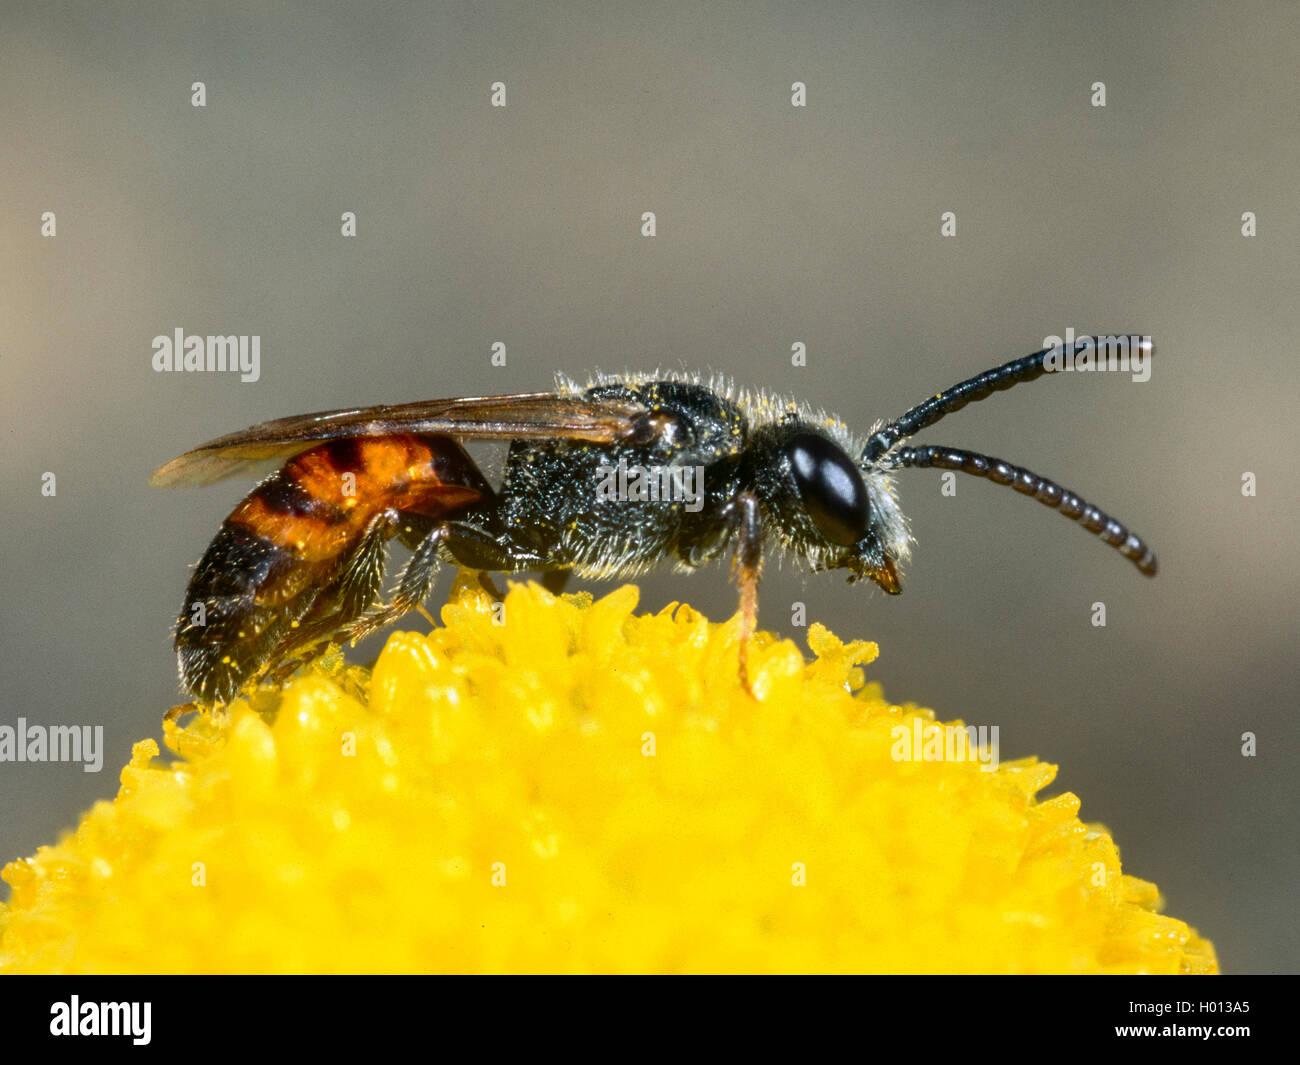 Blutbiene, Sphecodes crassus (Sphecodes crassus), Maennchen bei der Nektaraufnahme auf Echter Kamille (Matricaria - Stock Image